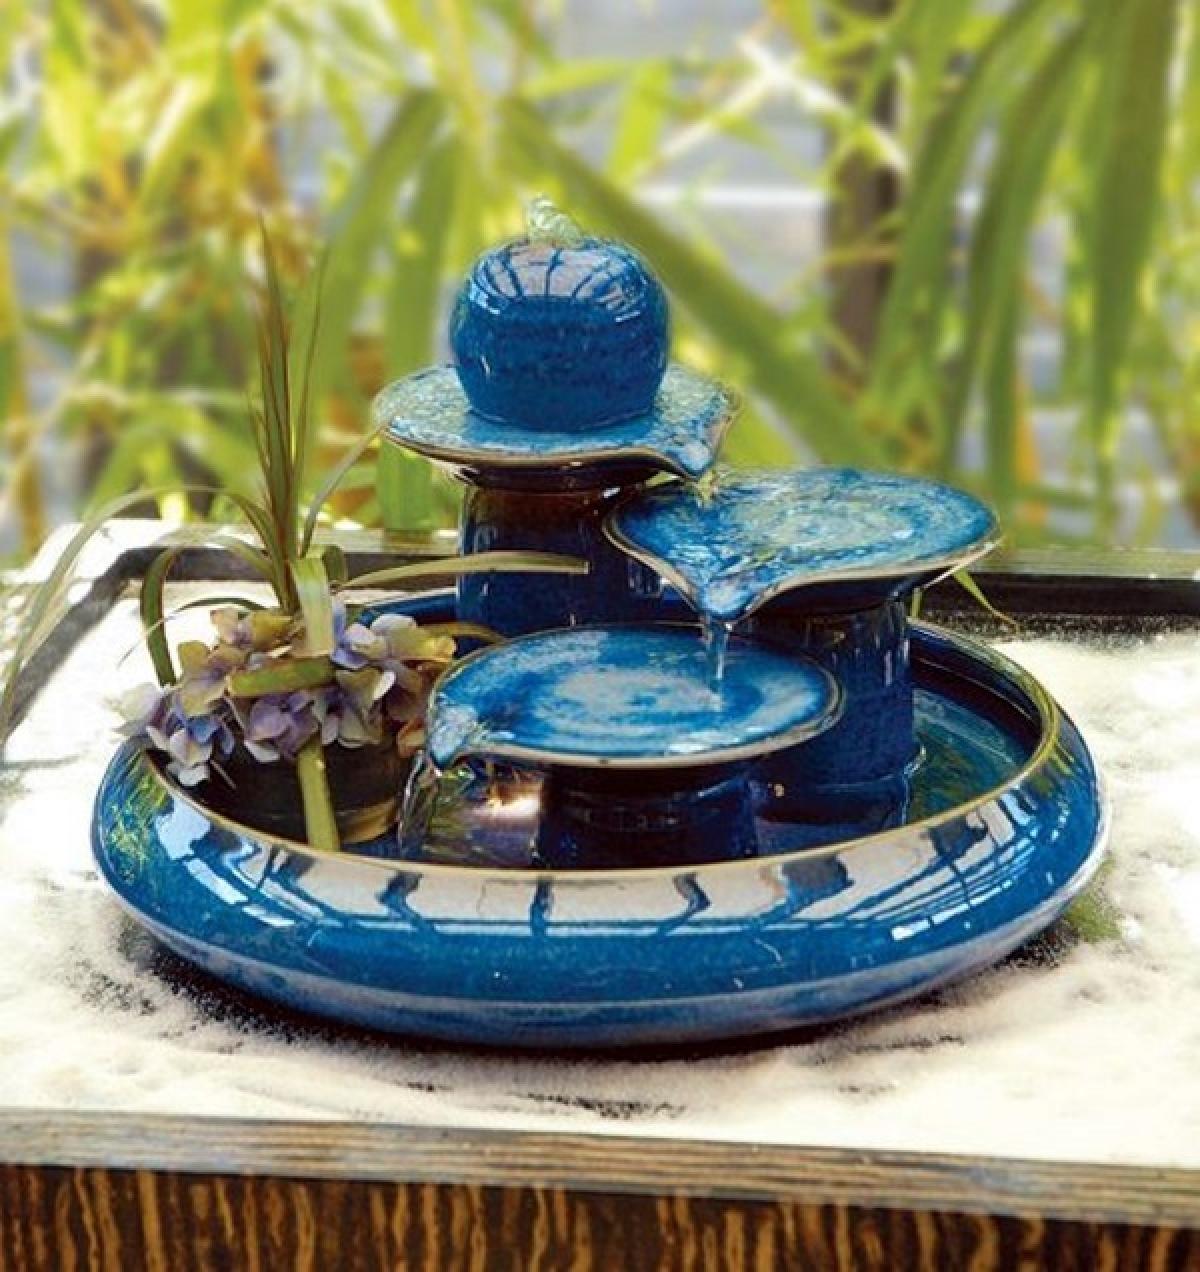 Màu xanh ngọc của khối chậu hòa cùng màu nước tạo thành vật trang trí tuyệt đẹp.